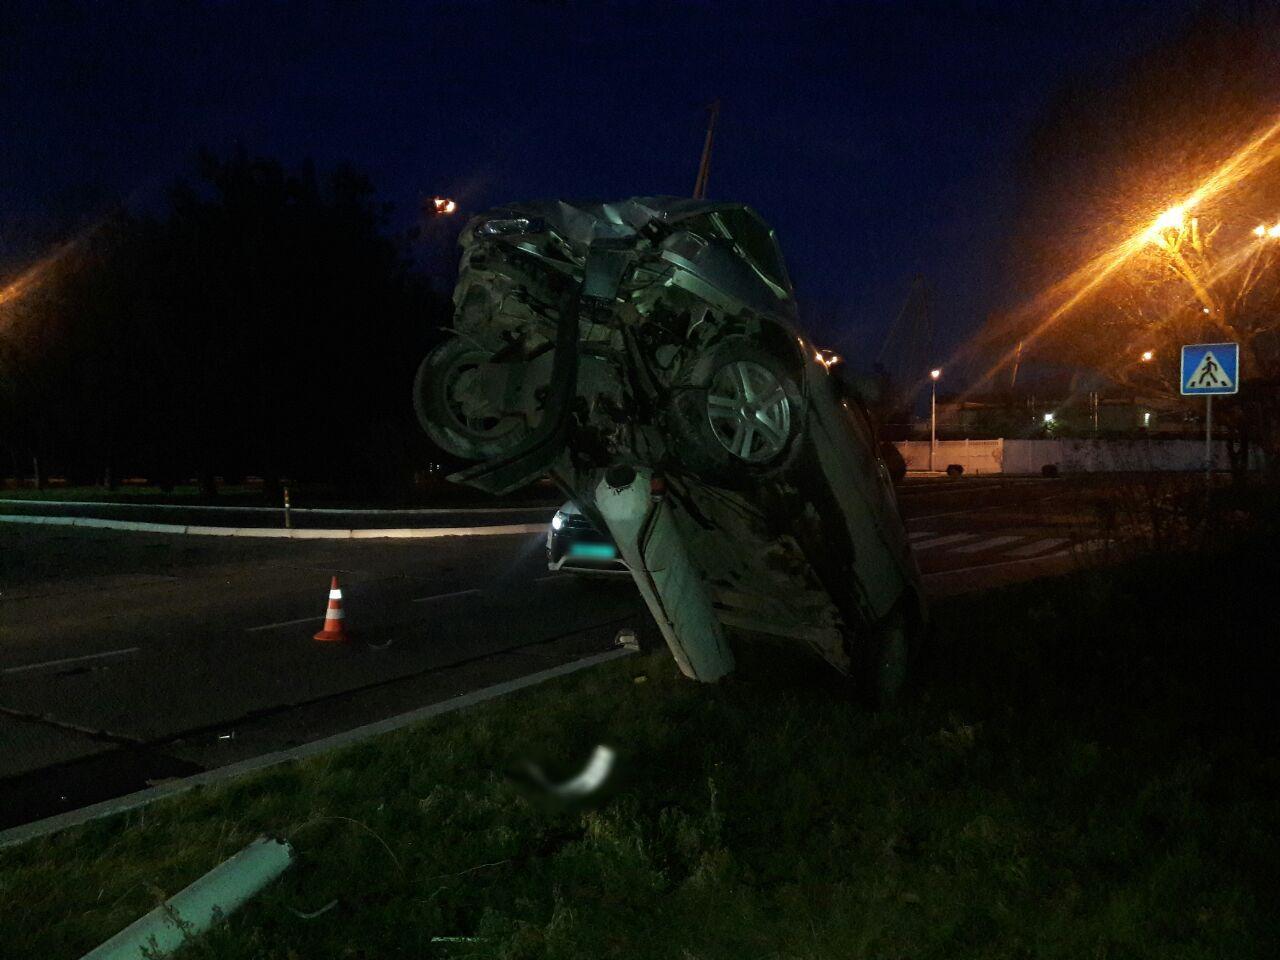 В Измаиле ночью возле морвокзала пьяный водитель поставил автомобиль на дыбы, врезавшись в столб